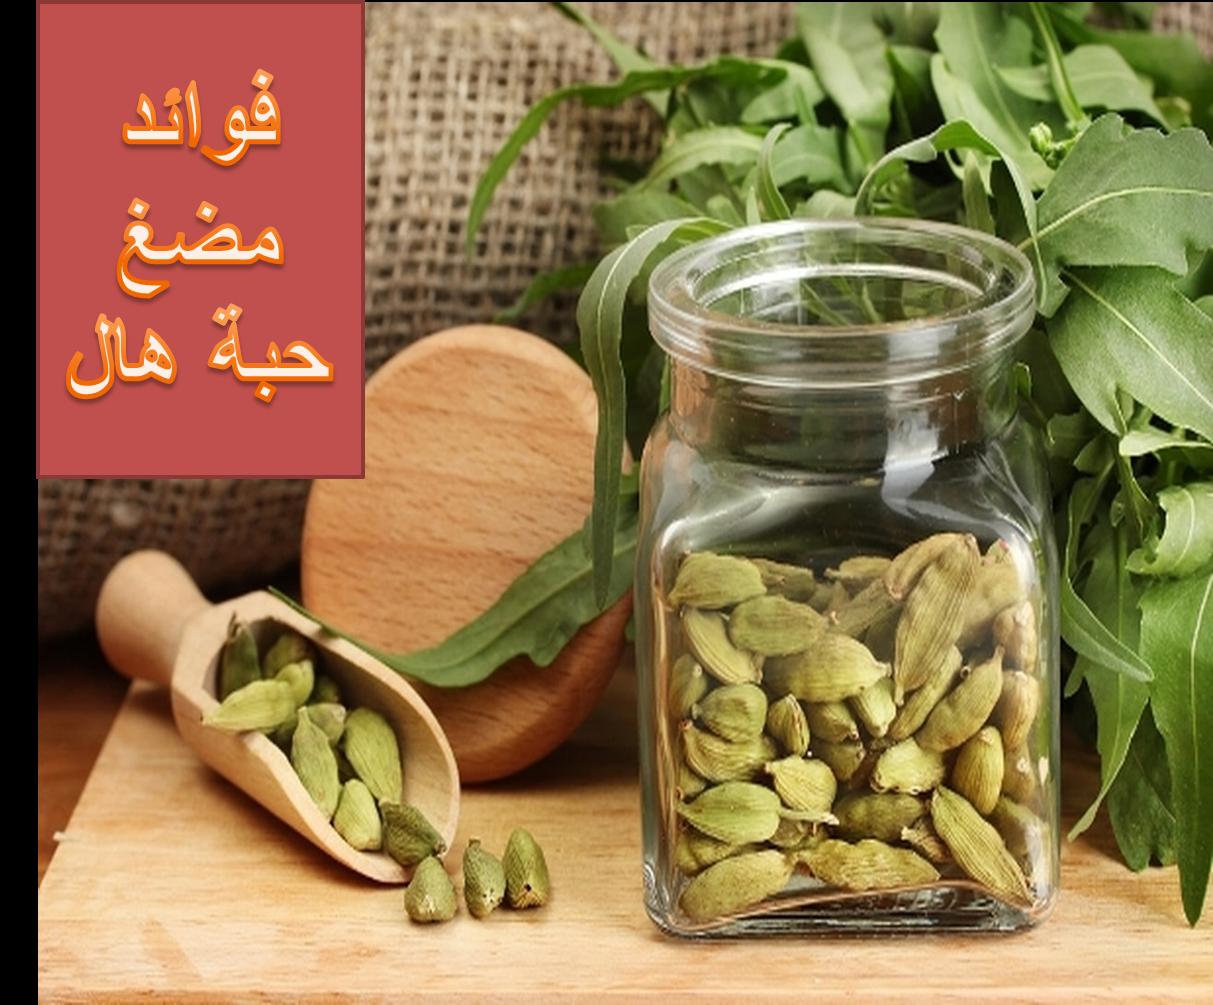 فوائد الهال الهيل الحبهان Vegetables Blog Asparagus